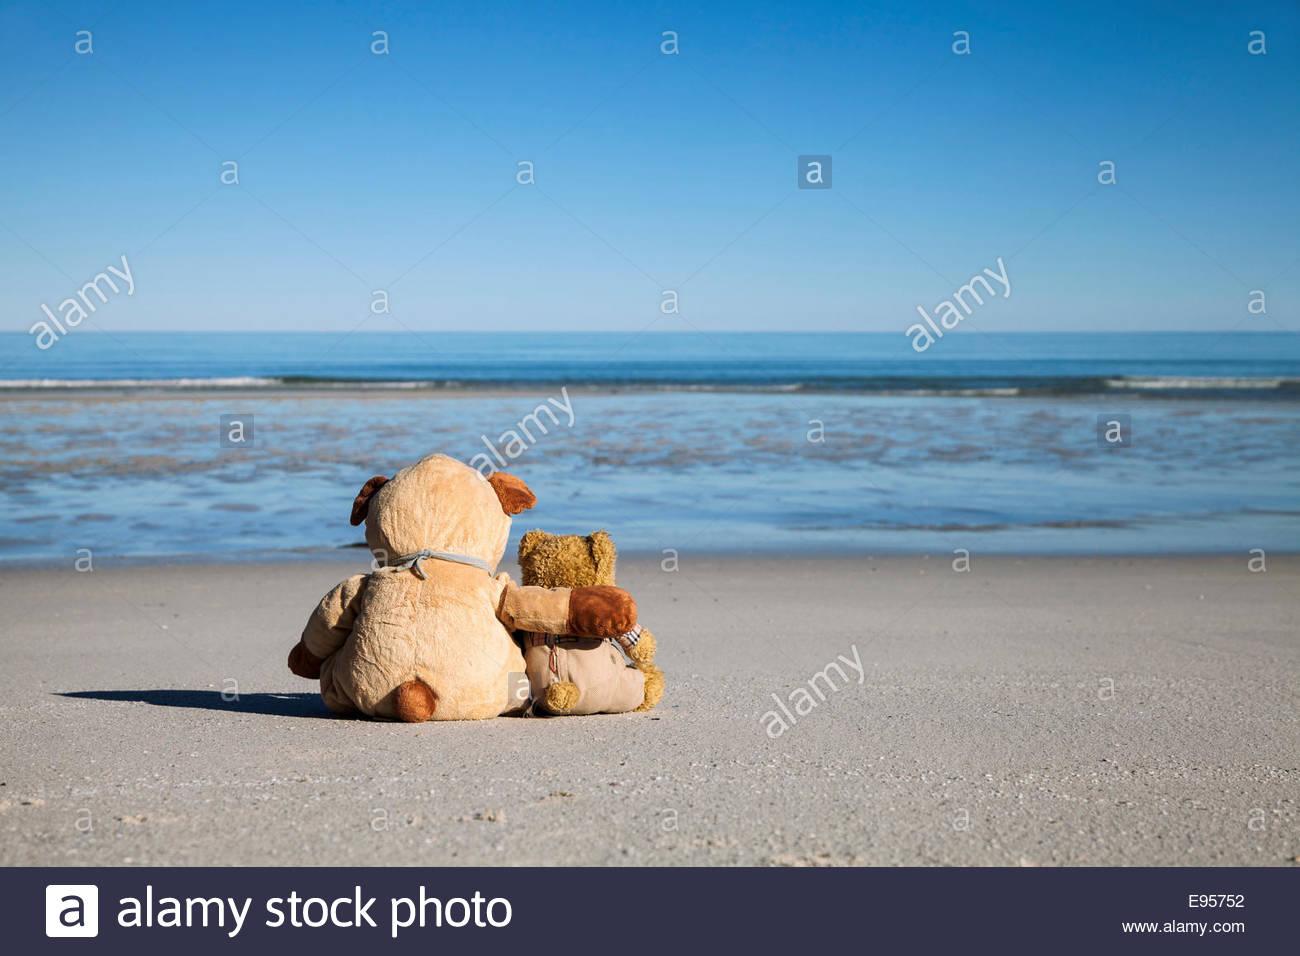 come amici Bears si Teddy e Due abbracciano nostalgia e2HIEDW9Y